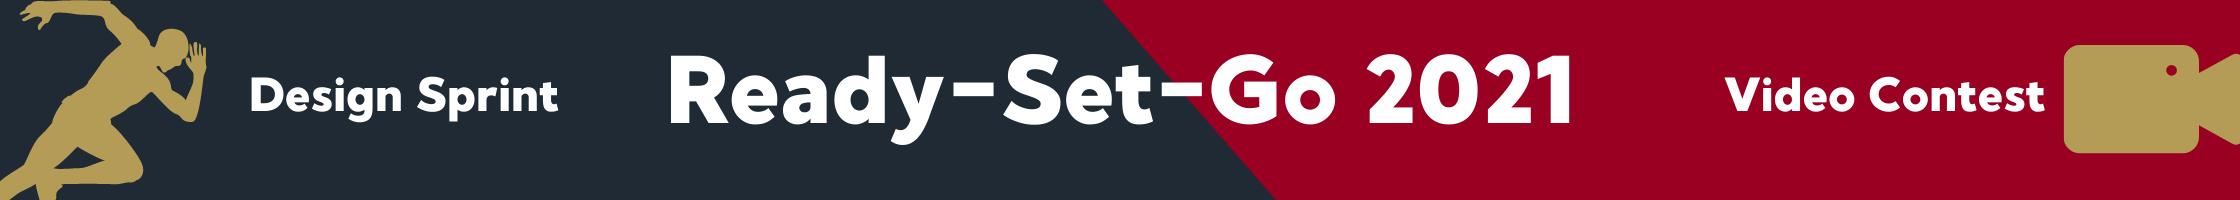 Ready-Set-Go Design Contest 2021